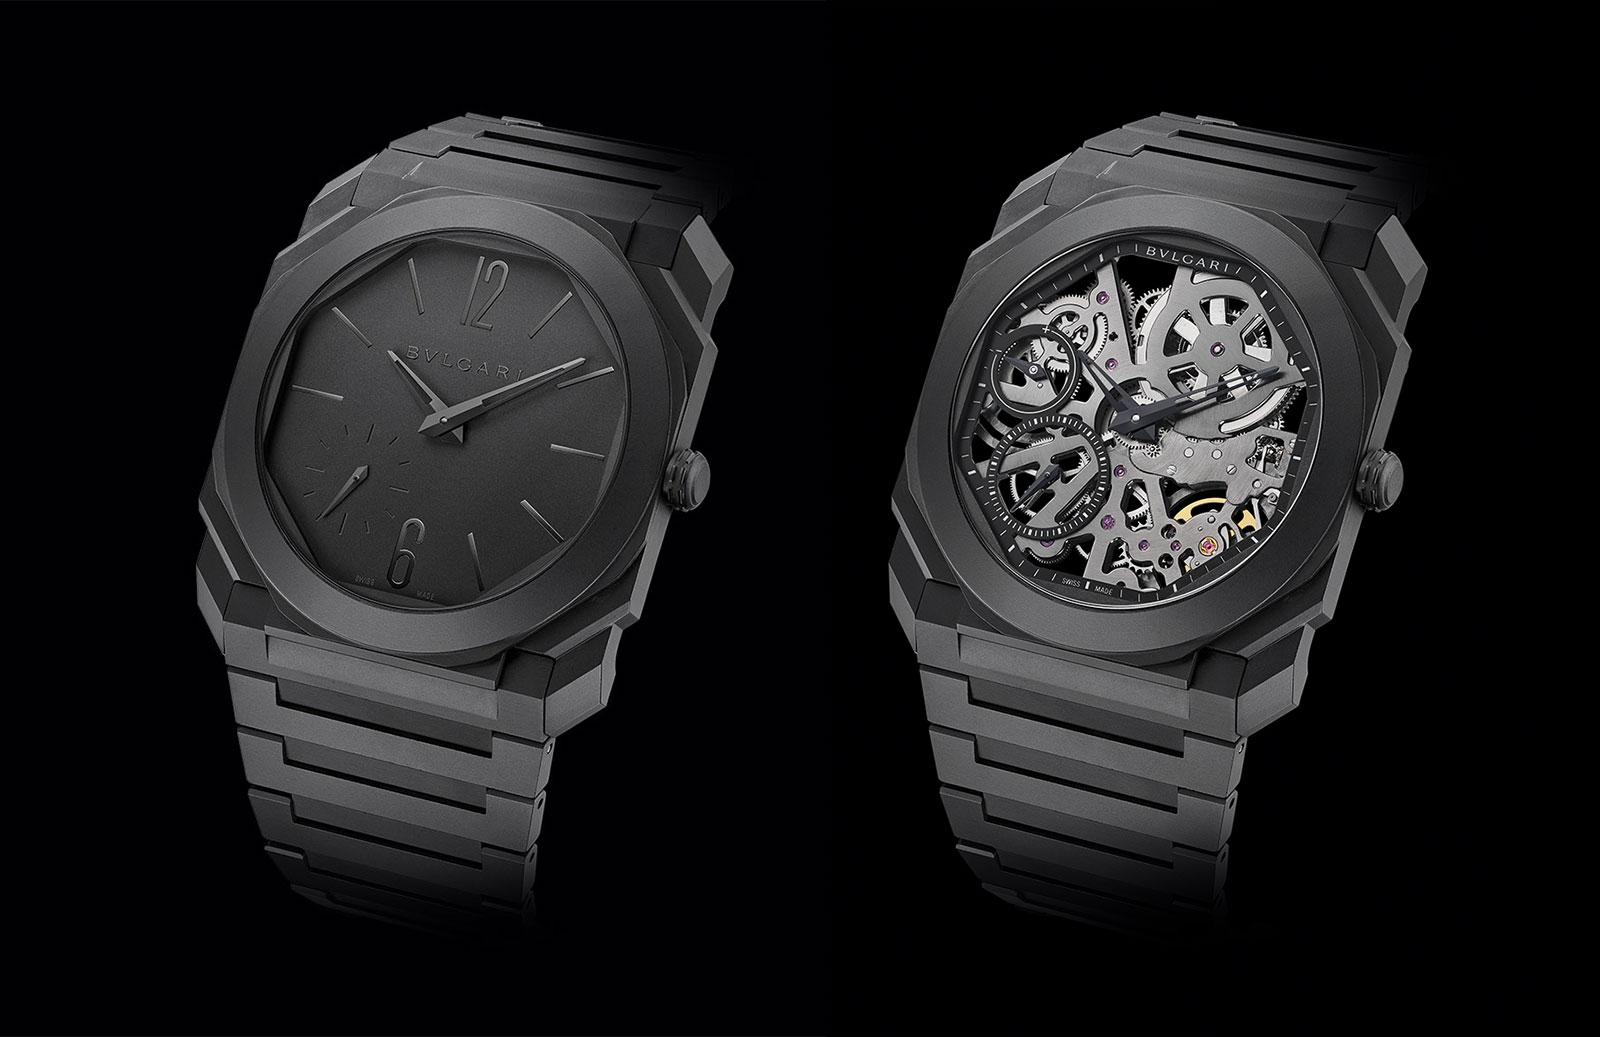 Продать б/у часы Bvlgari - Часовой ломбард Bvlgari